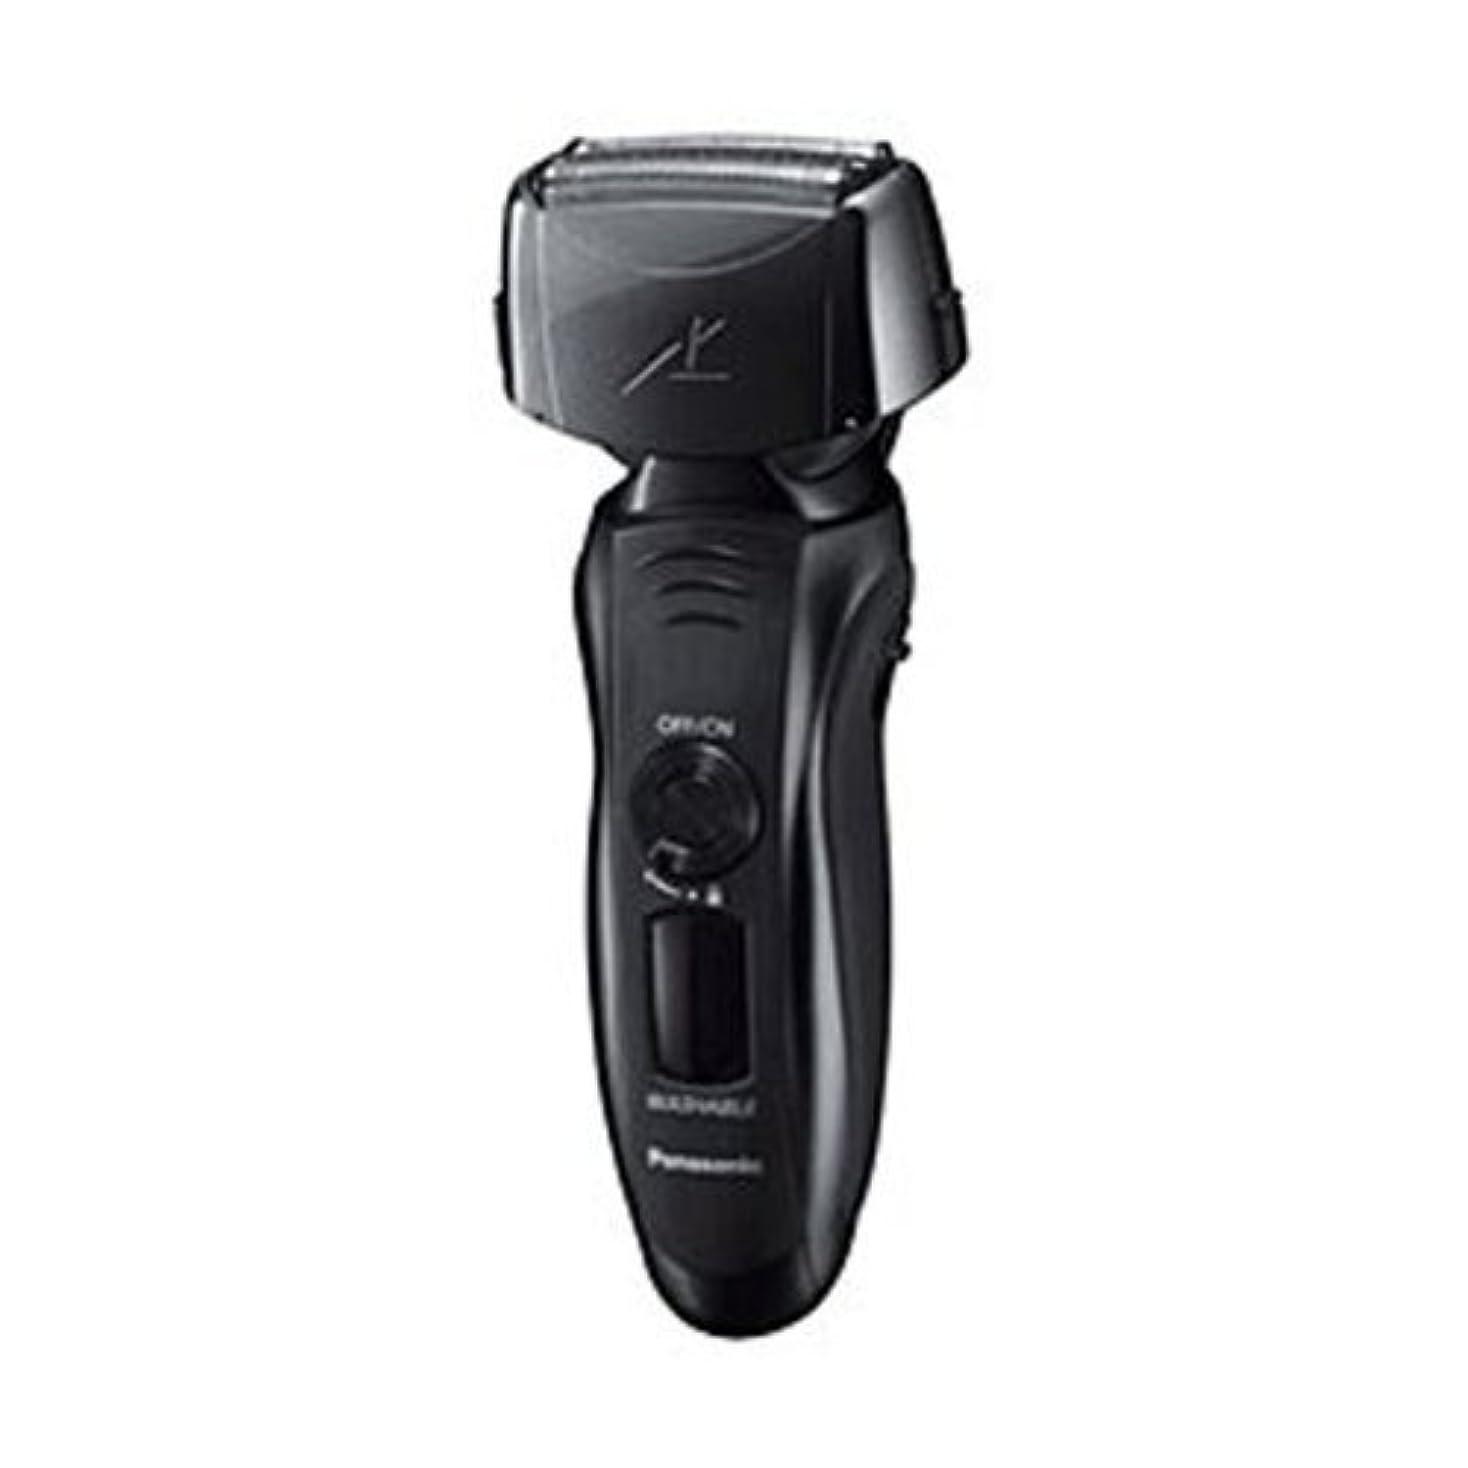 慈善気質化合物パナソニック メンズシェーバー(黒)Panasonic ラムダッシュ【3枚刃】ES-LT22 の限定モデル ES-CLT2-K